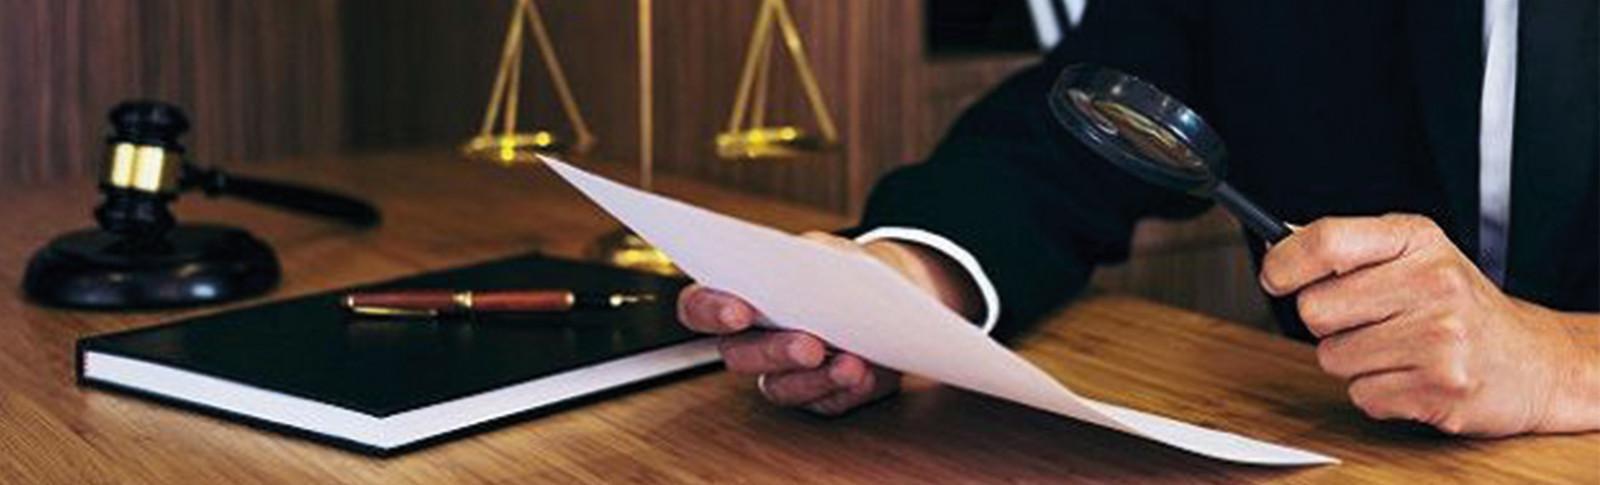 GYODER Akademi Online Seminer / COVID19'un Muhtelif Sözleşme Tipleri ve Kira Sözleşmelerine Etkileri